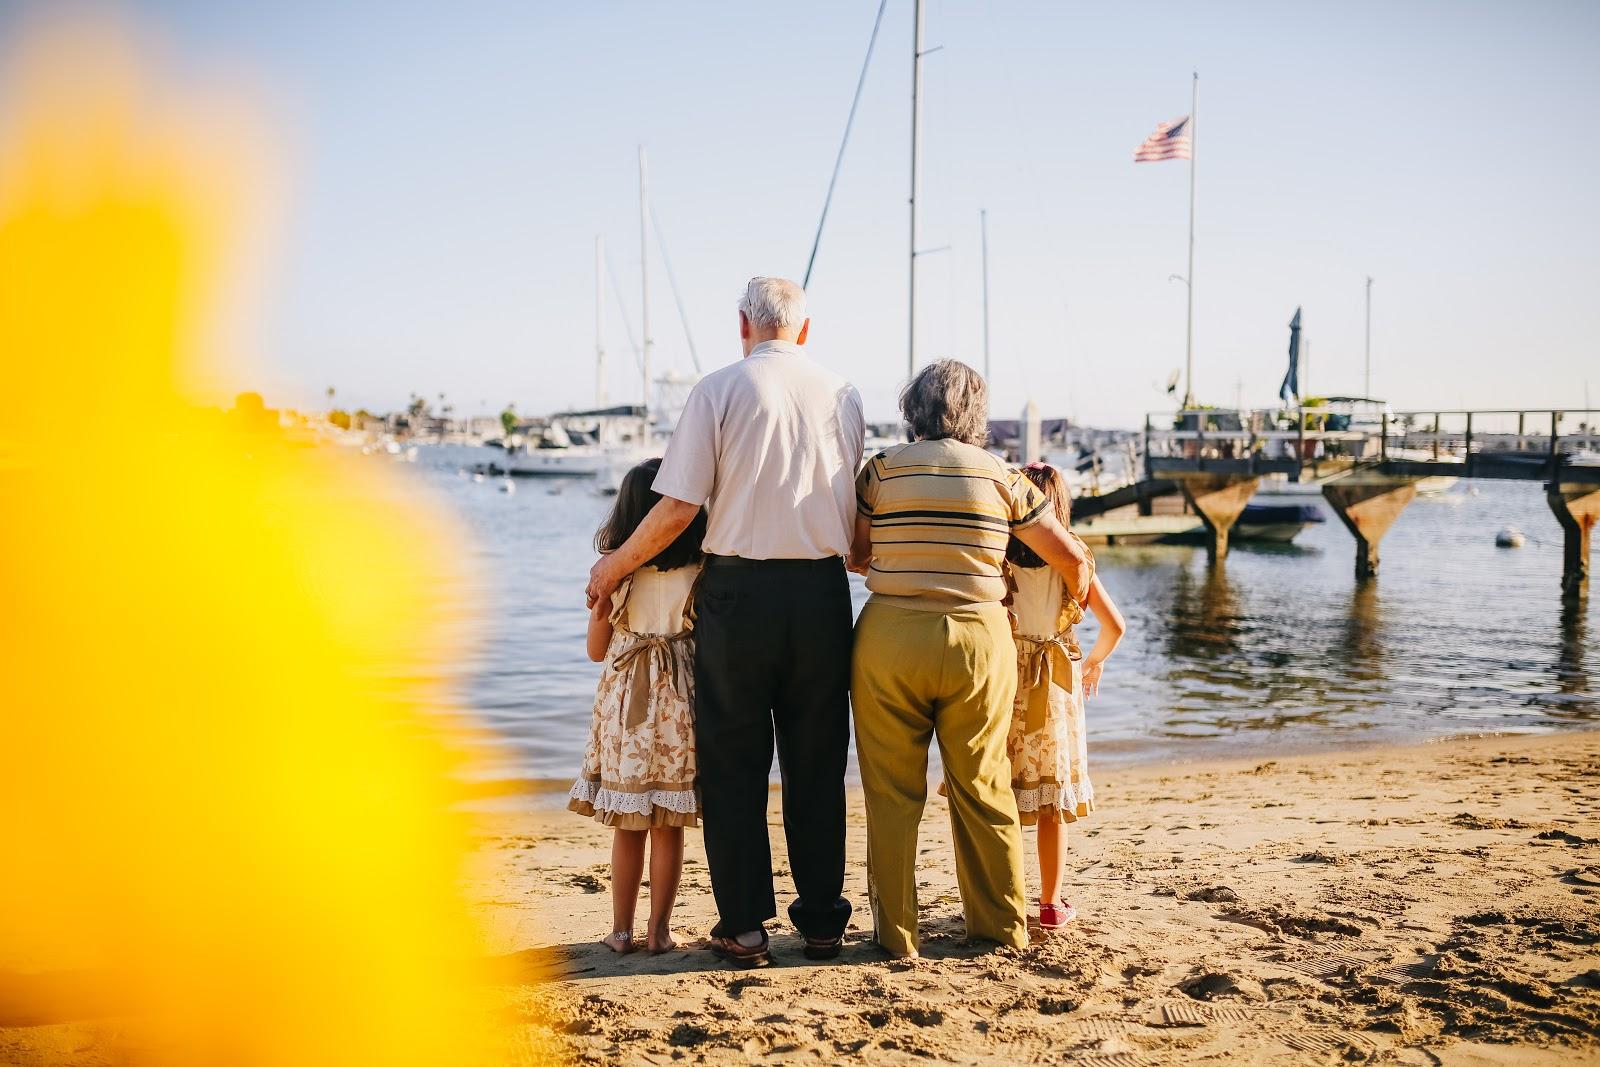 Os cuidados com os pacientes paliativos são importantes para eles e suas famílias (Fonte: RODNAE, Pexels).